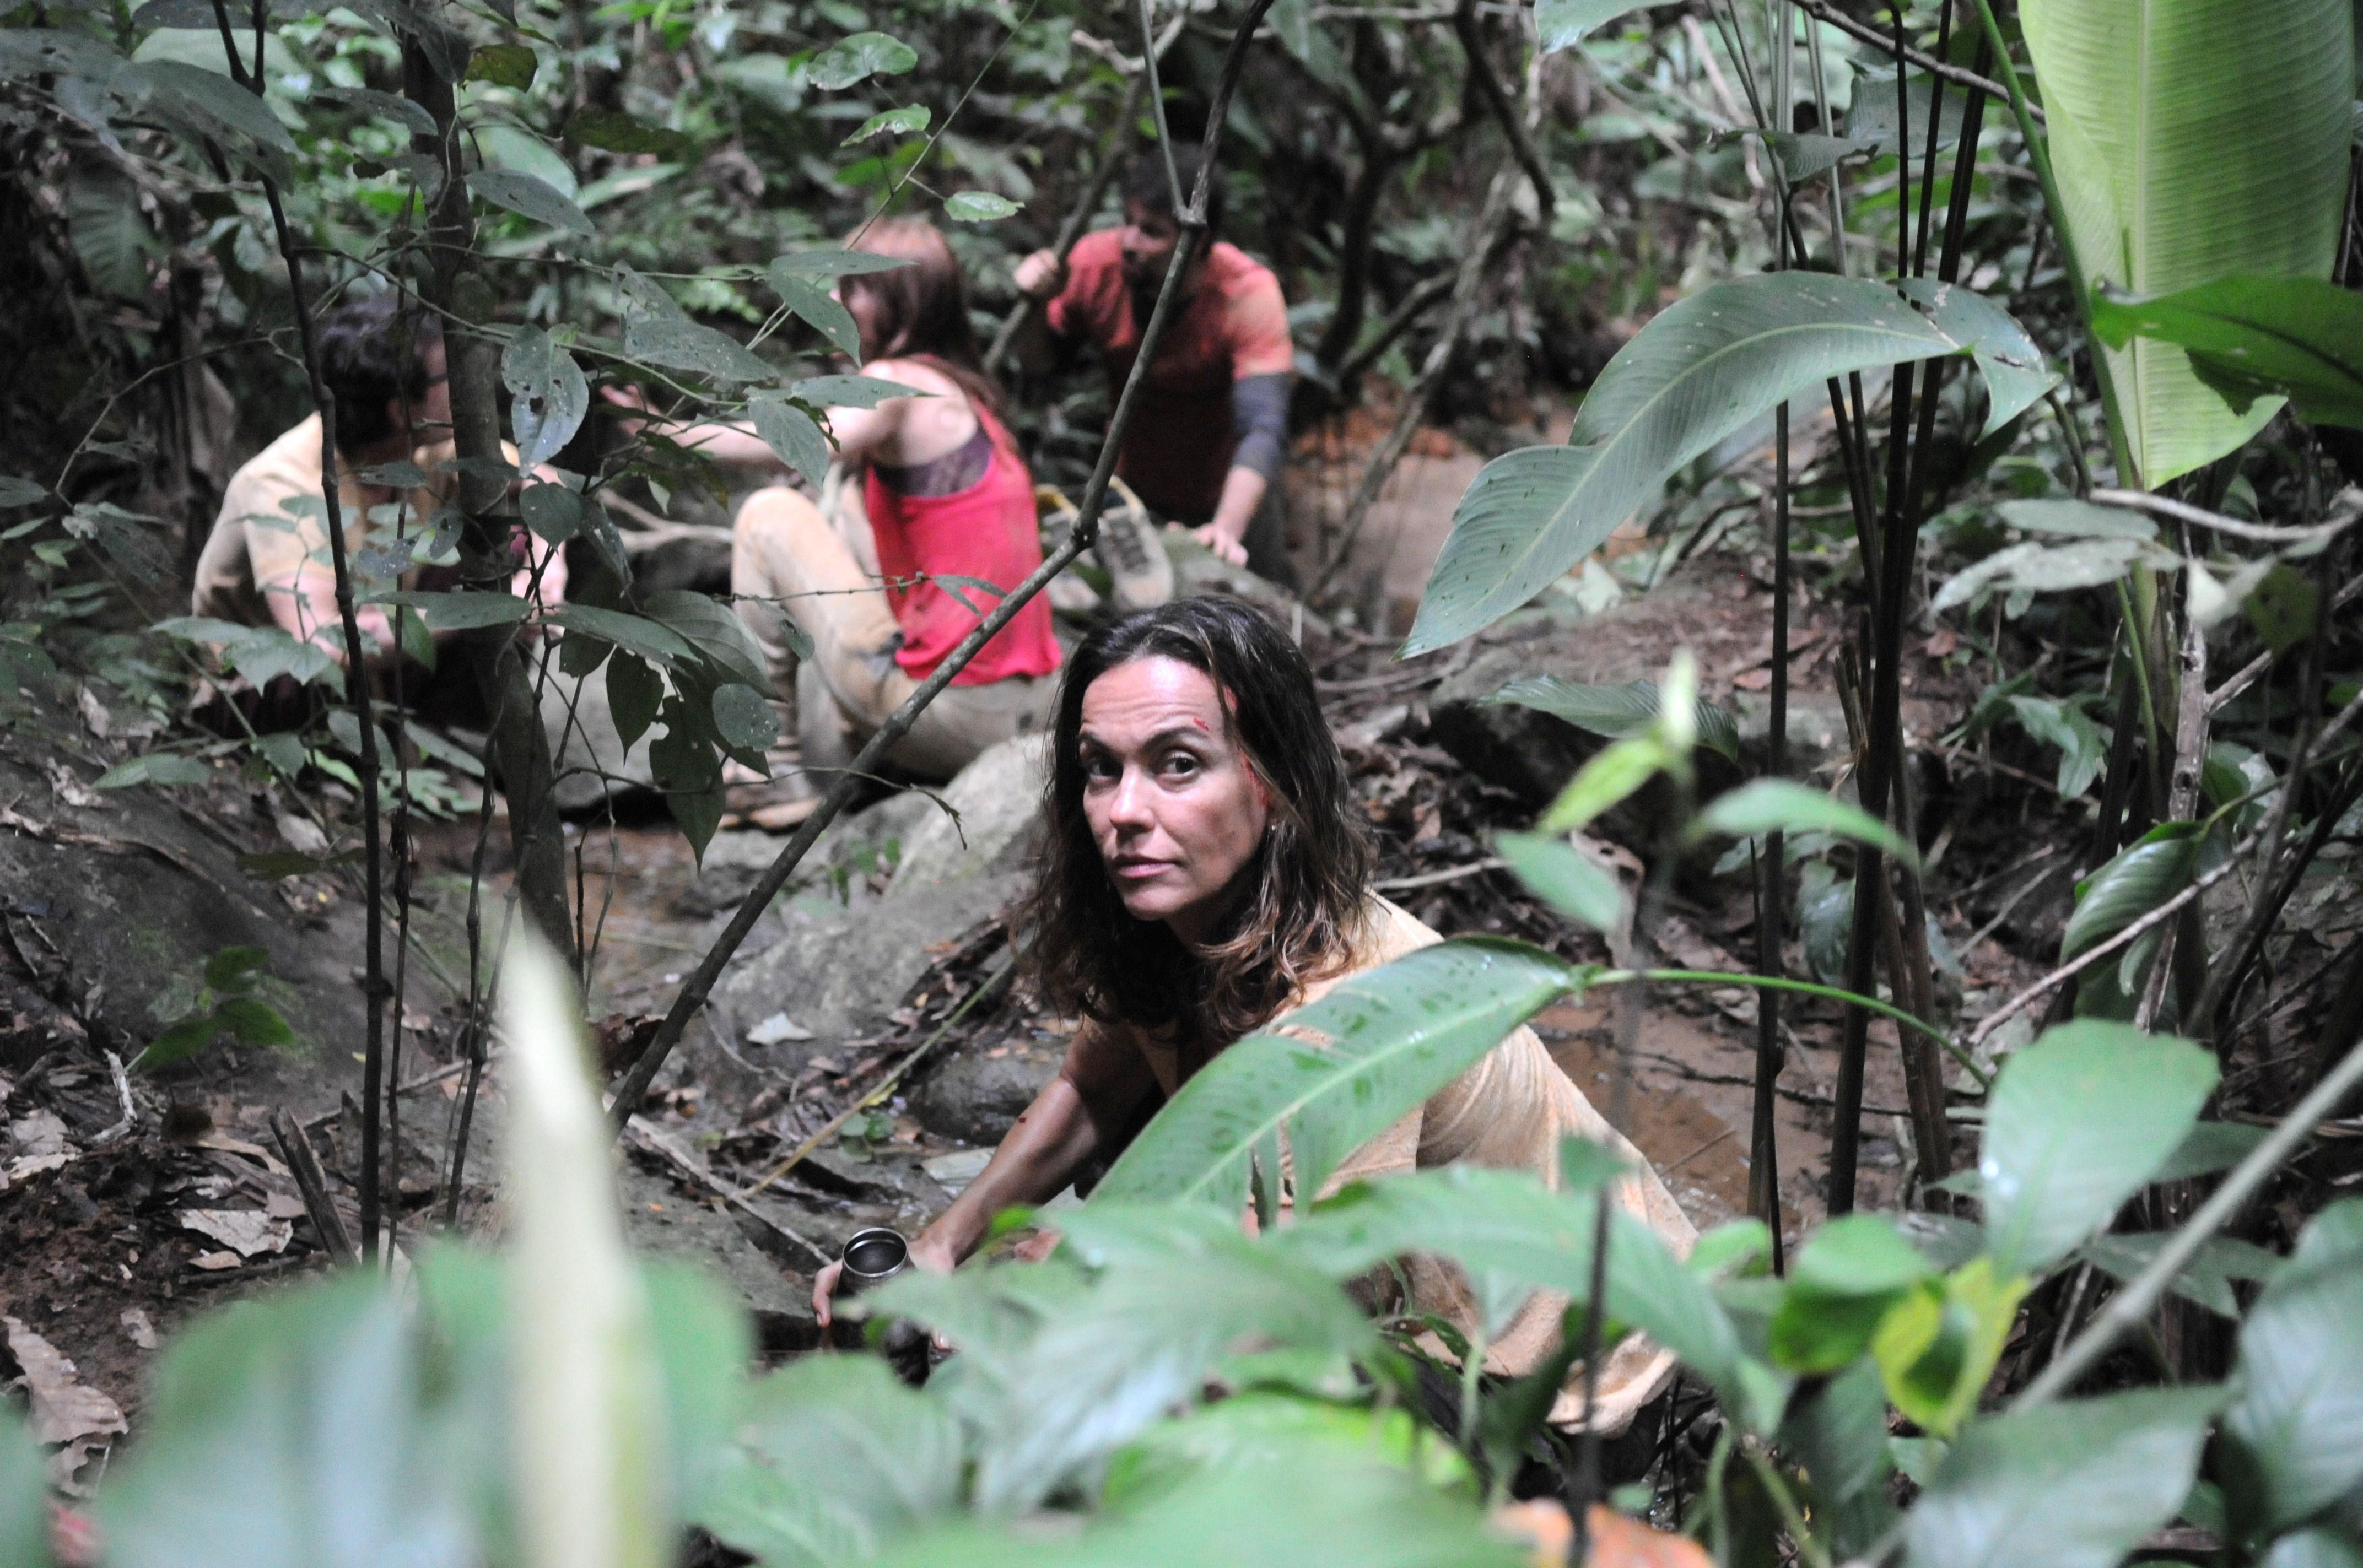 Produção estreia em 4 de janeiro.  Na série, 13 pessoas enfrentam obstáculos climáticos e geográficos, lutando pela sobrevivência - Munir Chatack/ND/Divulgação